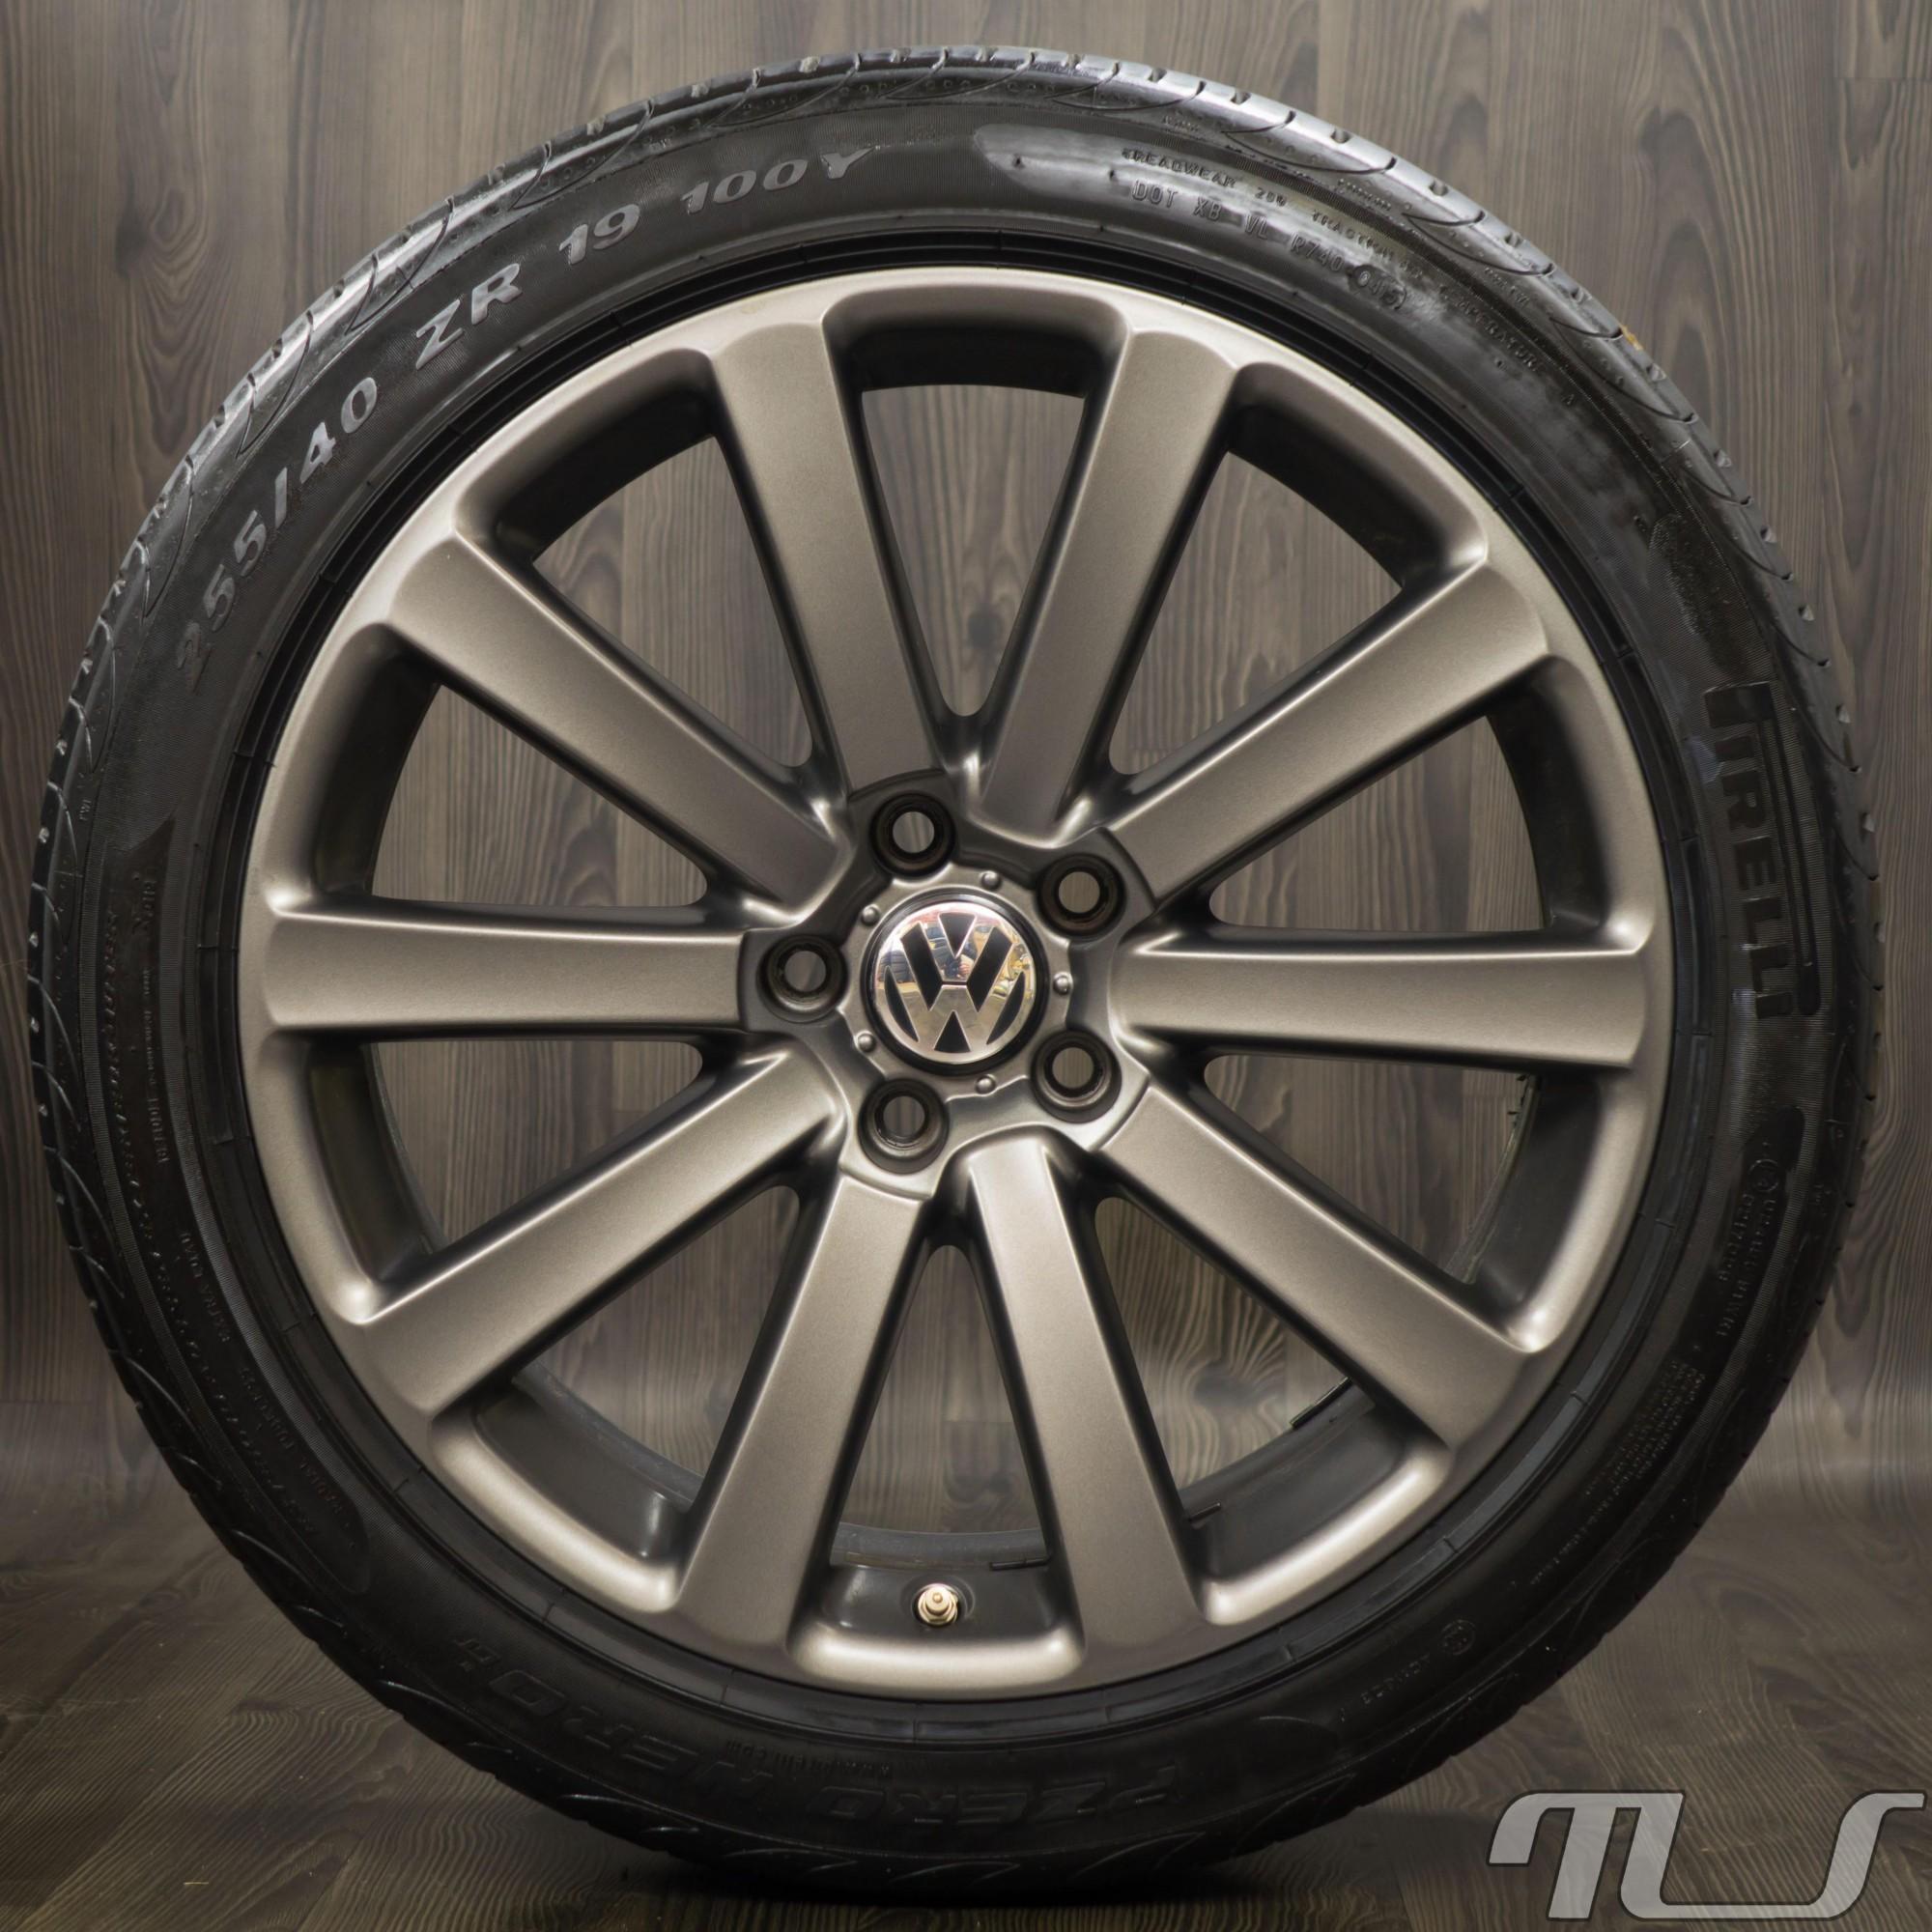 Volkswagen Omanyt | Felgenkatalog | Alufelgen-Katalog ...